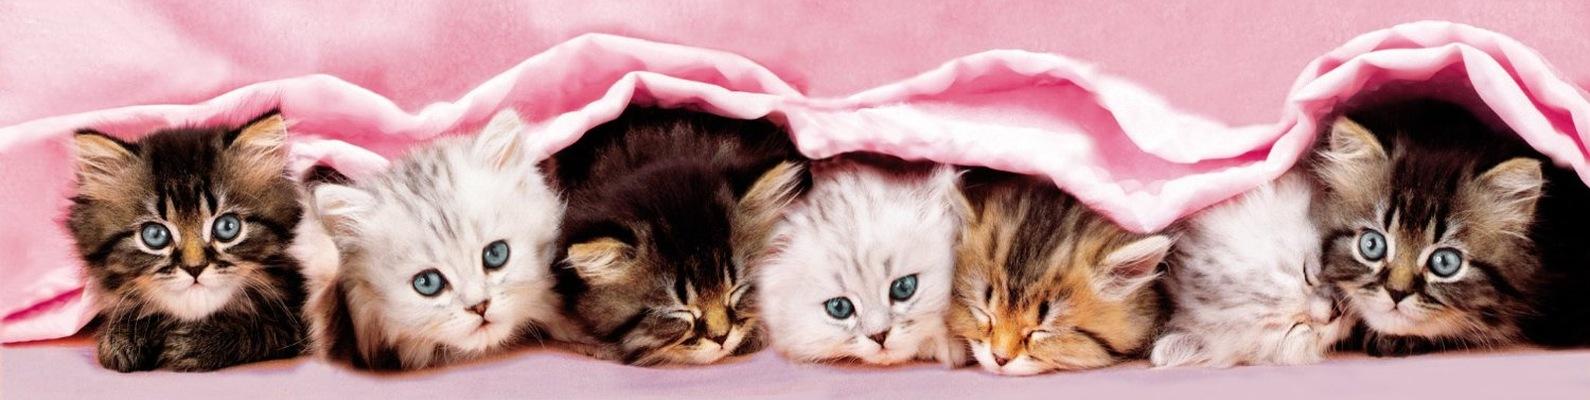 пластиковый котята картинки для обложки сожалению